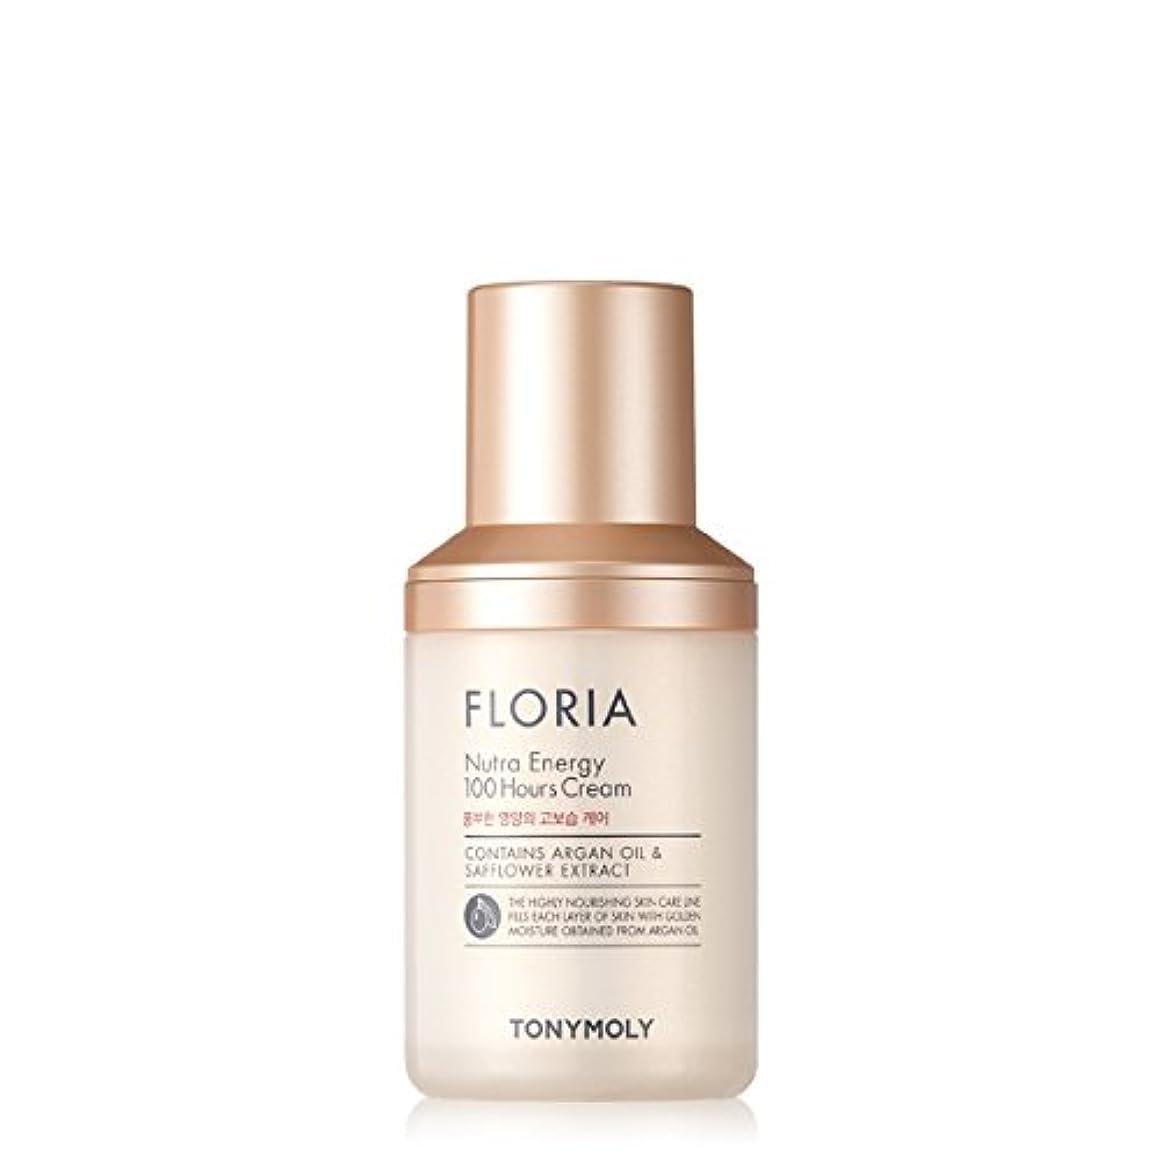 毒液寛解敵[NEW] TONY MOLY Floria Nutra energy 100 hours Cream 50ml トニーモリー フローリア ニュートラ エナジー 100時間 クリーム 50ml [並行輸入品]